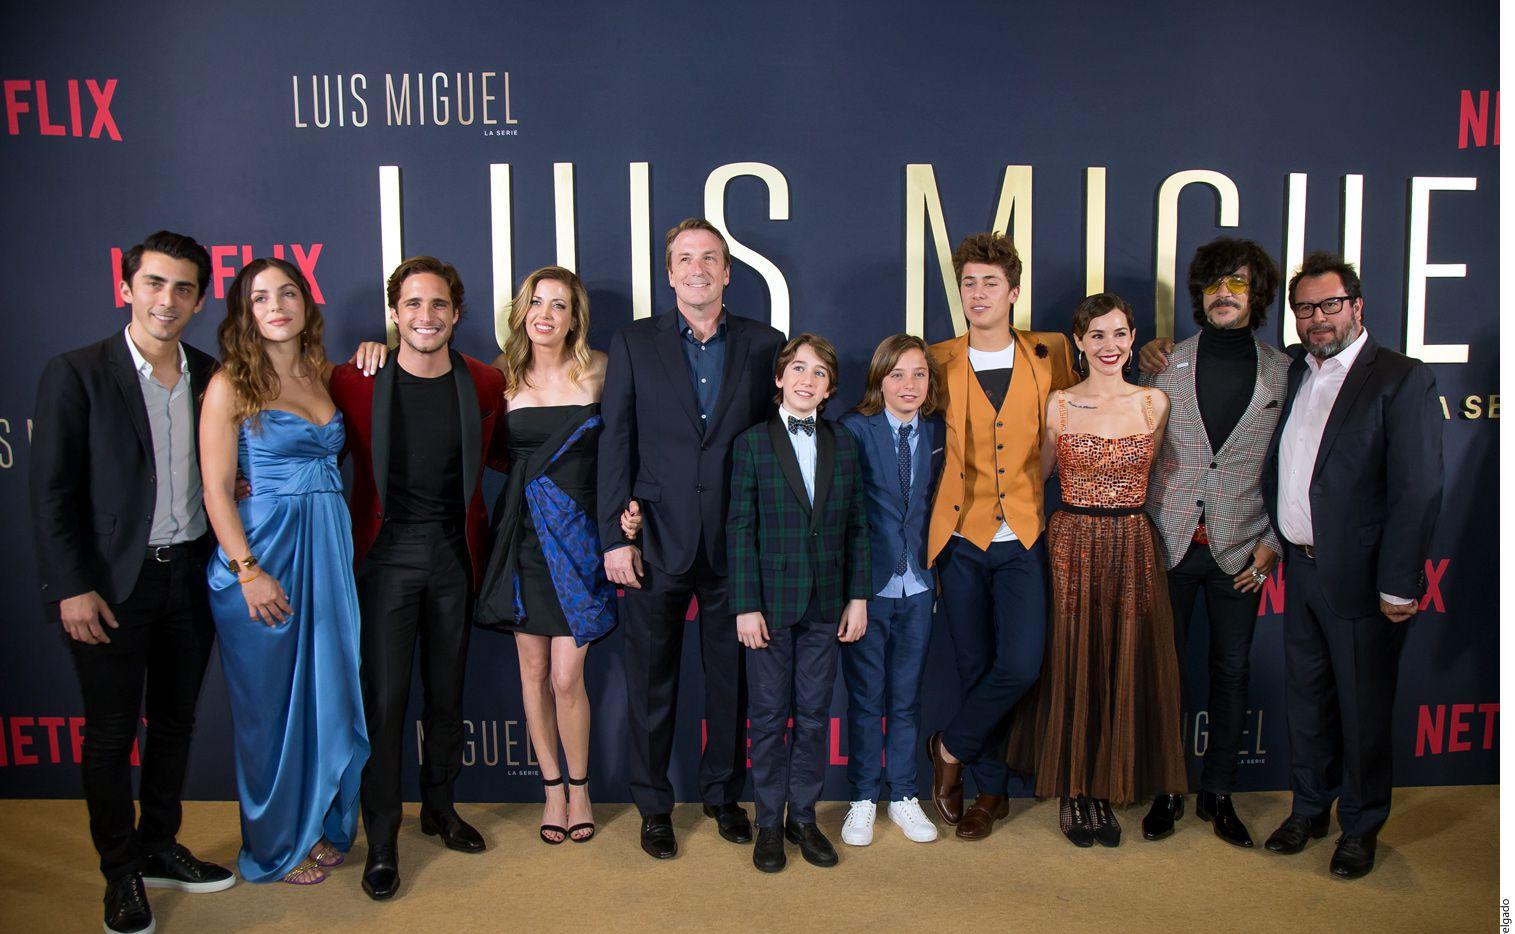 El elenco de la serie Luis Miguel acudió a la premier del primer capítulo de la serie./ AGENCIA REFORMA